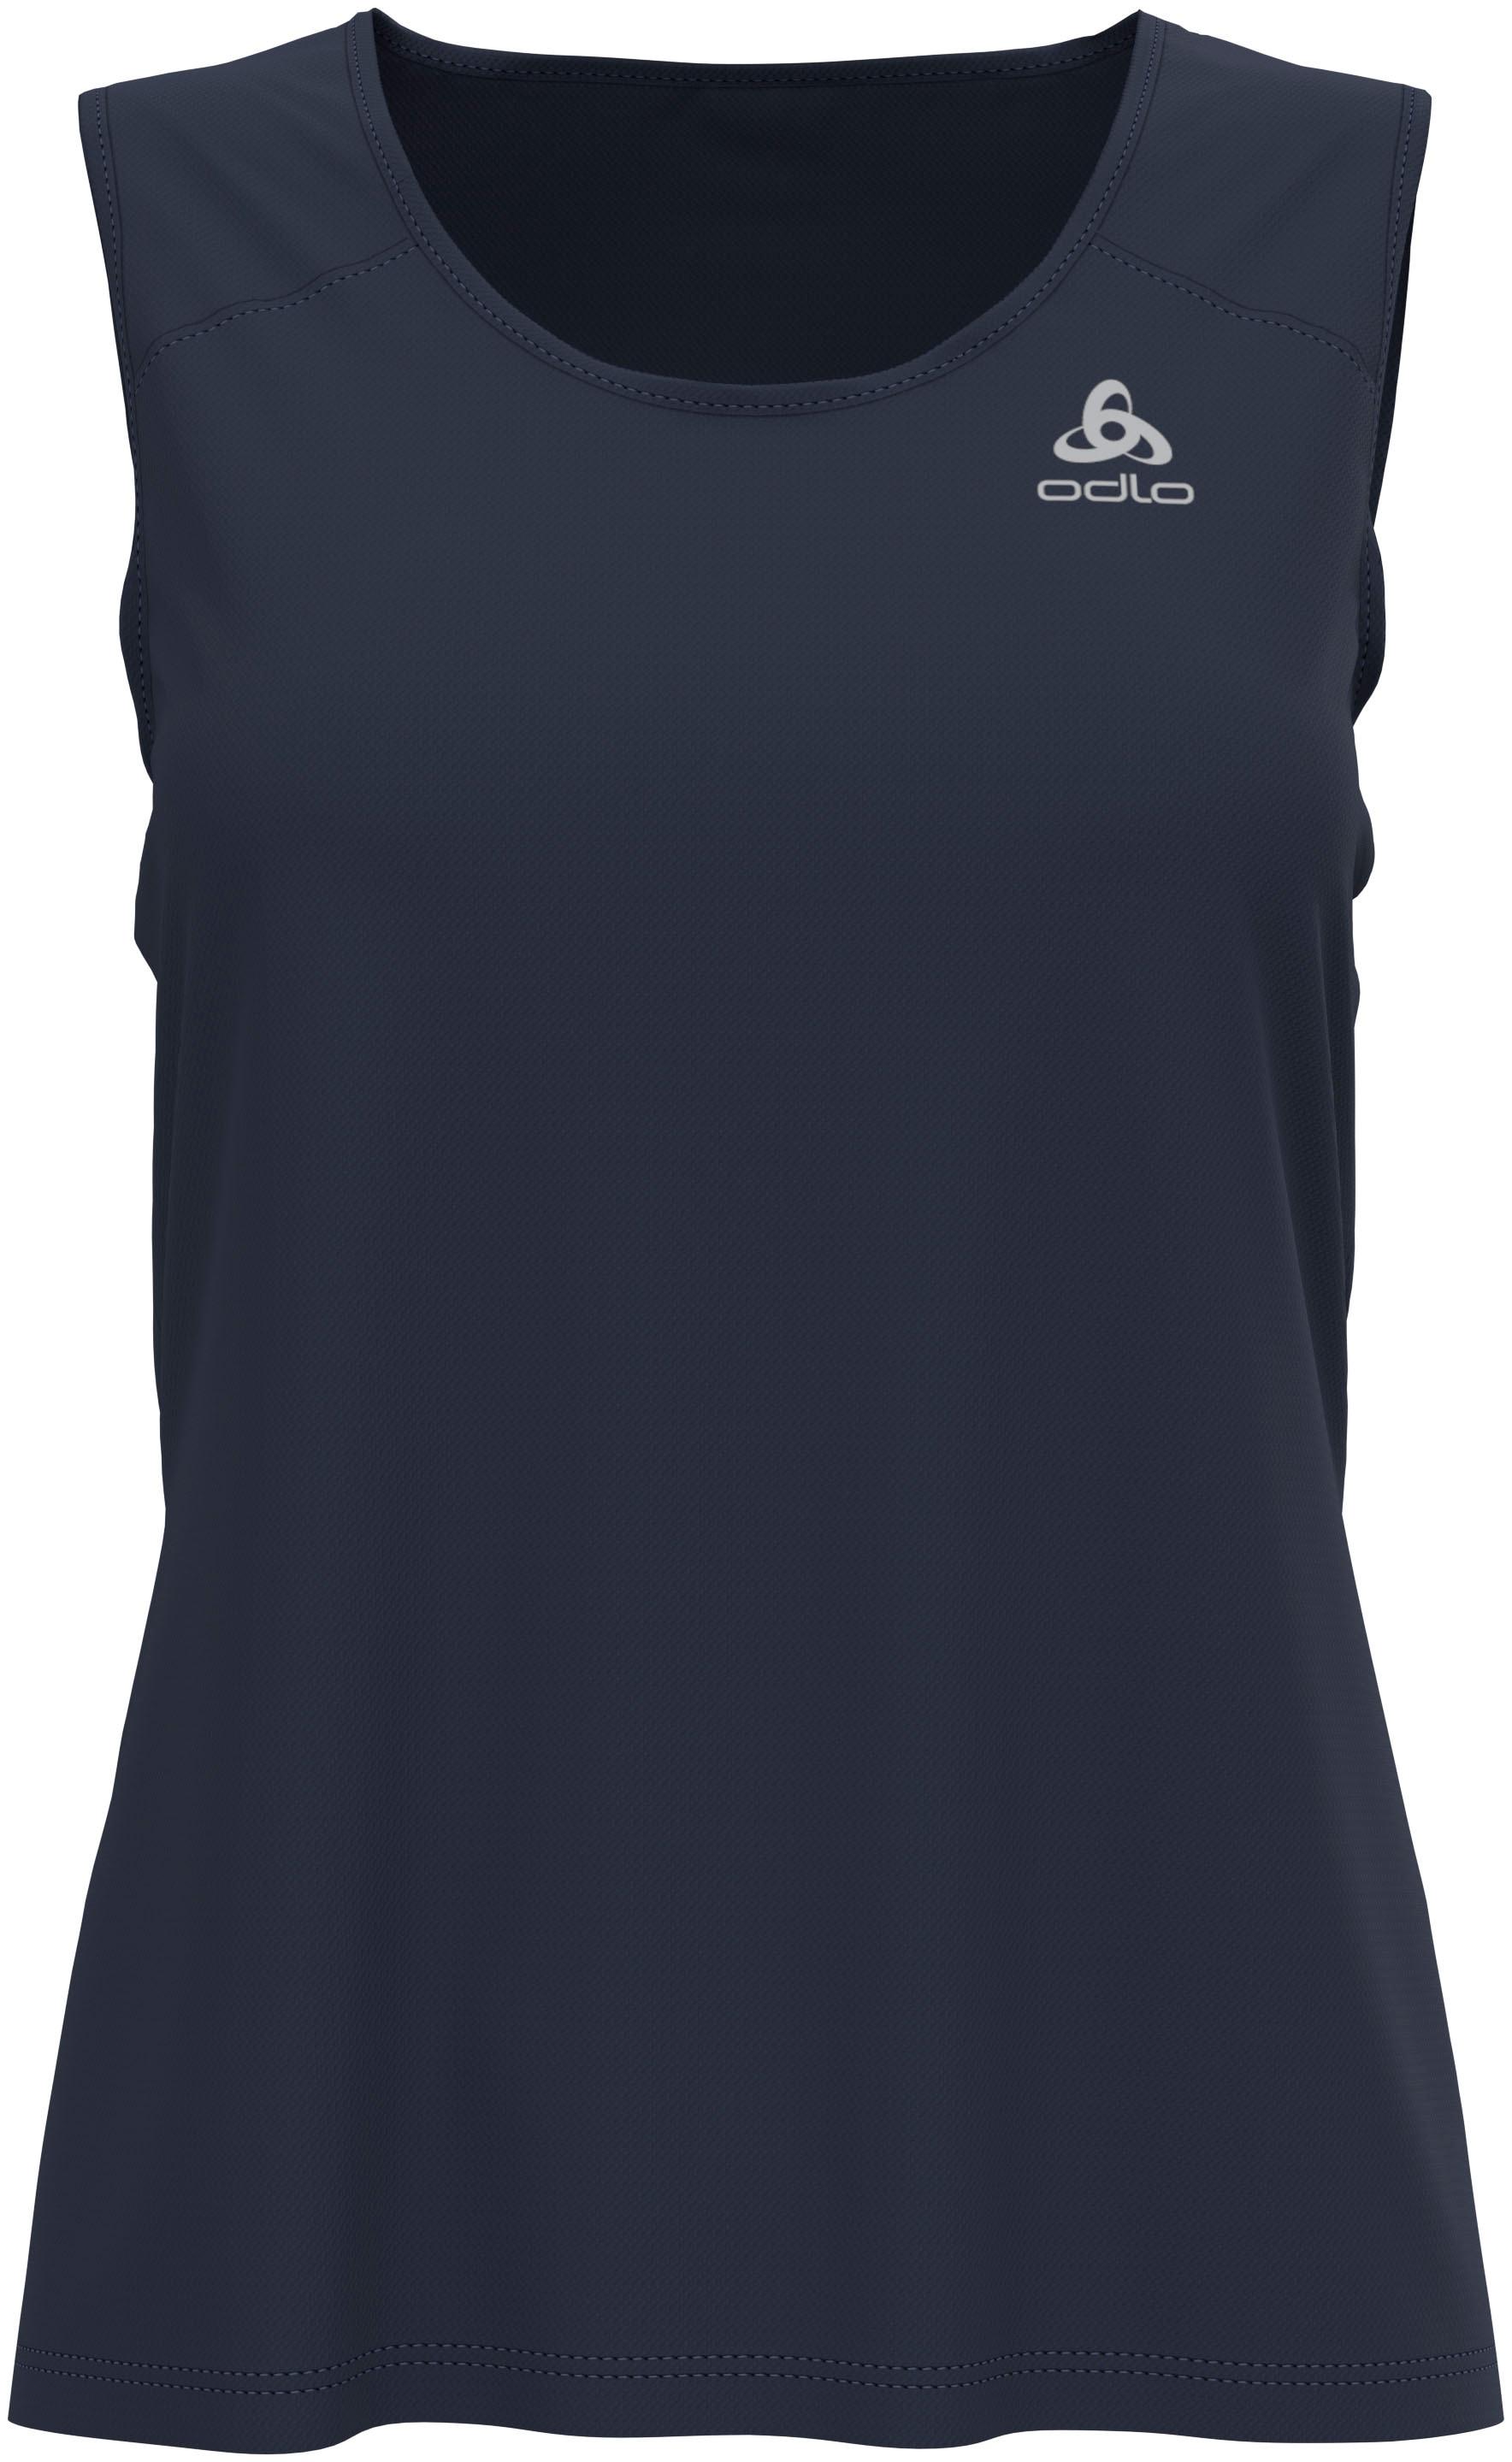 odlo -  Tanktop CARDADA